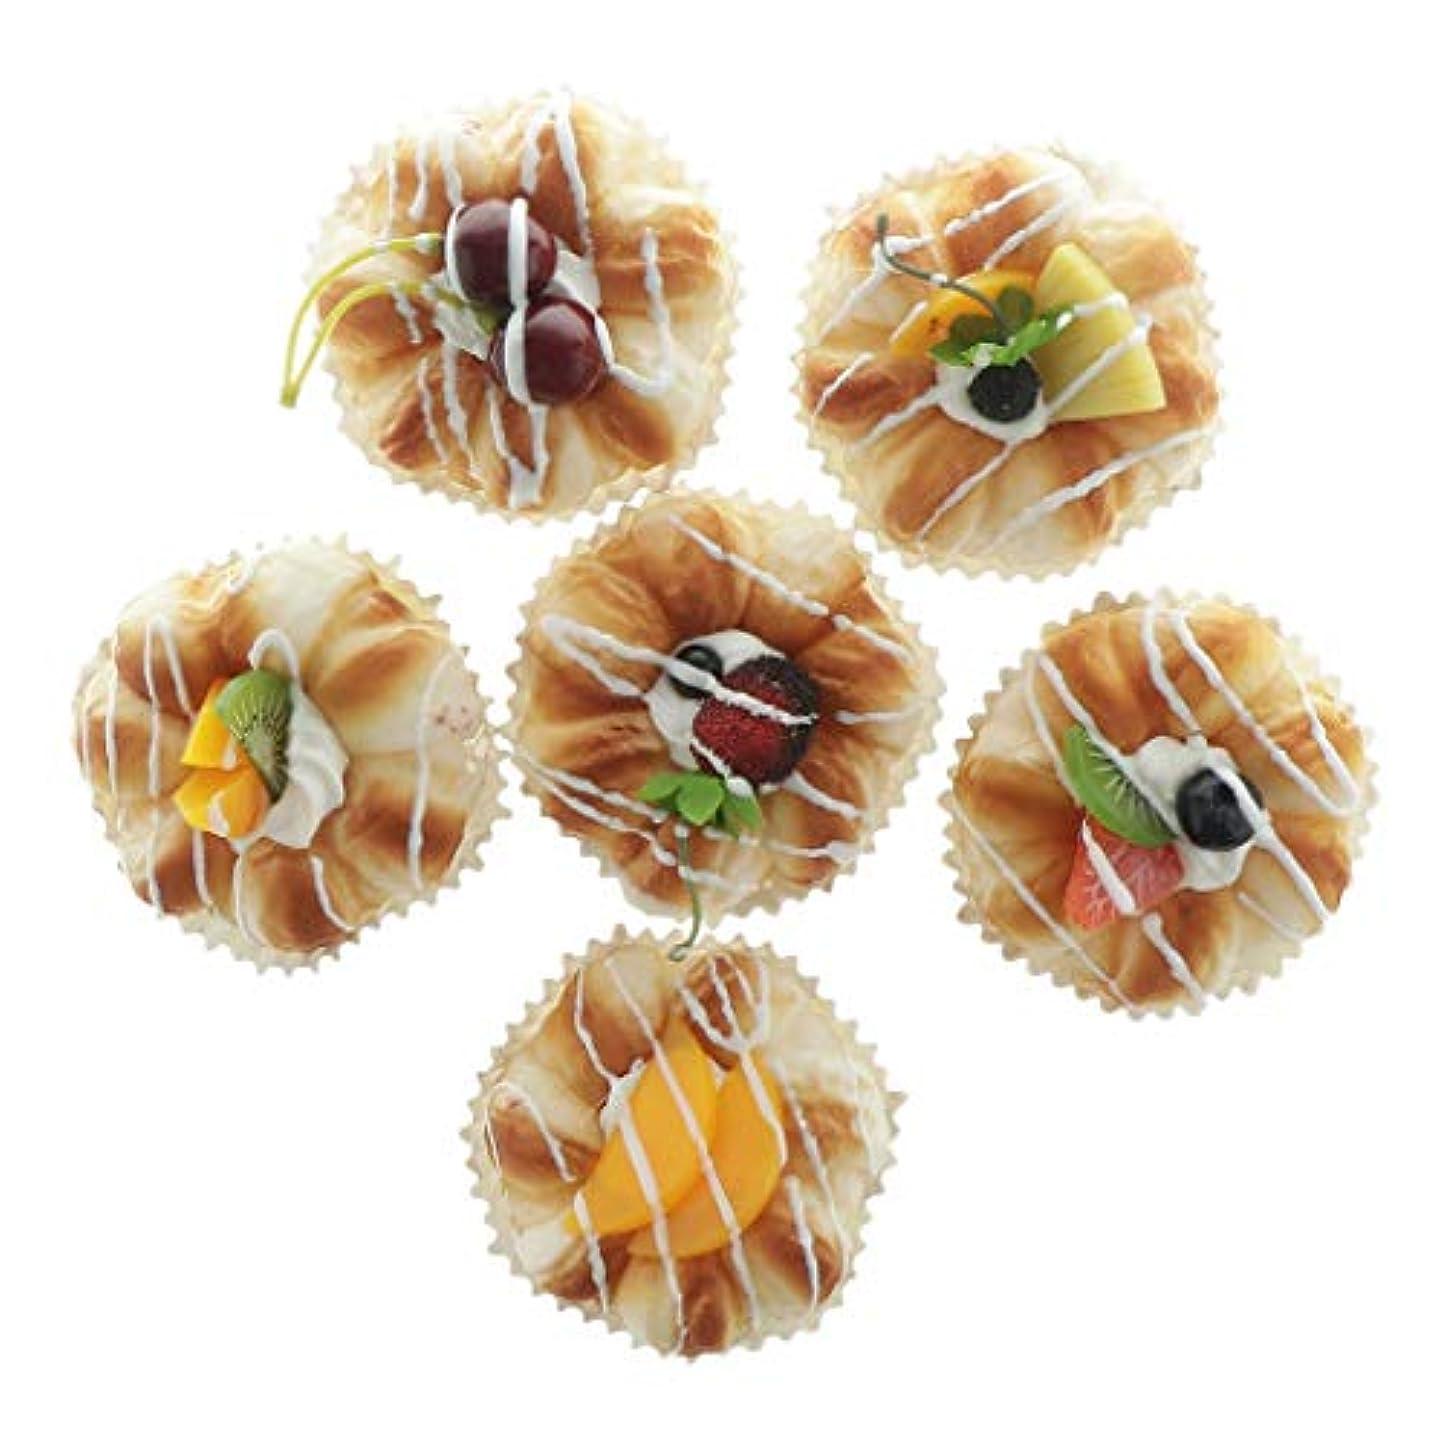 勇気ところでフェローシップ6個入 子供 ケーキモデル 食べ物 ごっこ遊び 写真 ふりプレイ おもちゃ 小道具 装飾